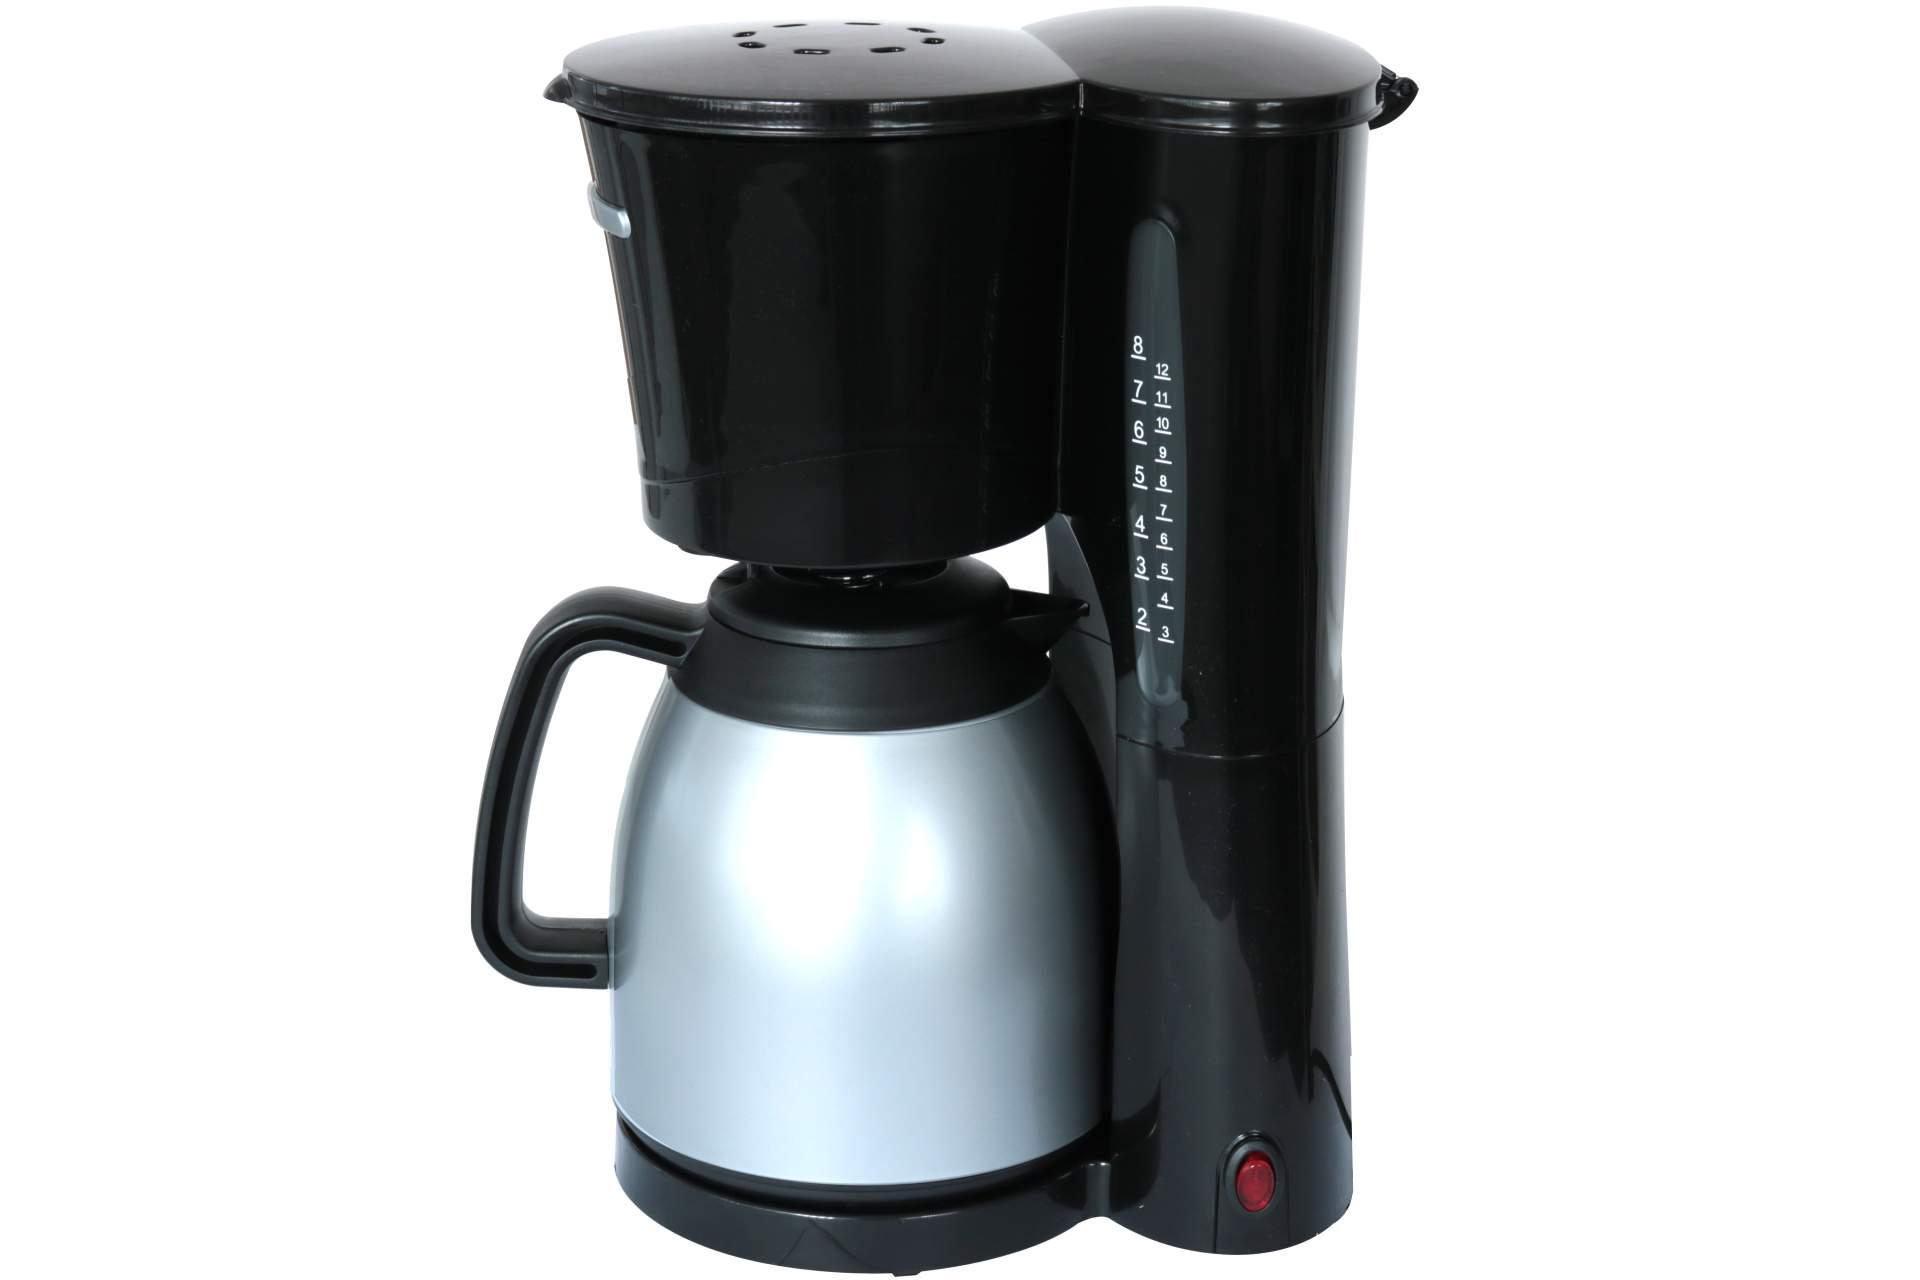 thermo kaffeemaschine 8 12 tassen schwarz 1 ltr. Black Bedroom Furniture Sets. Home Design Ideas